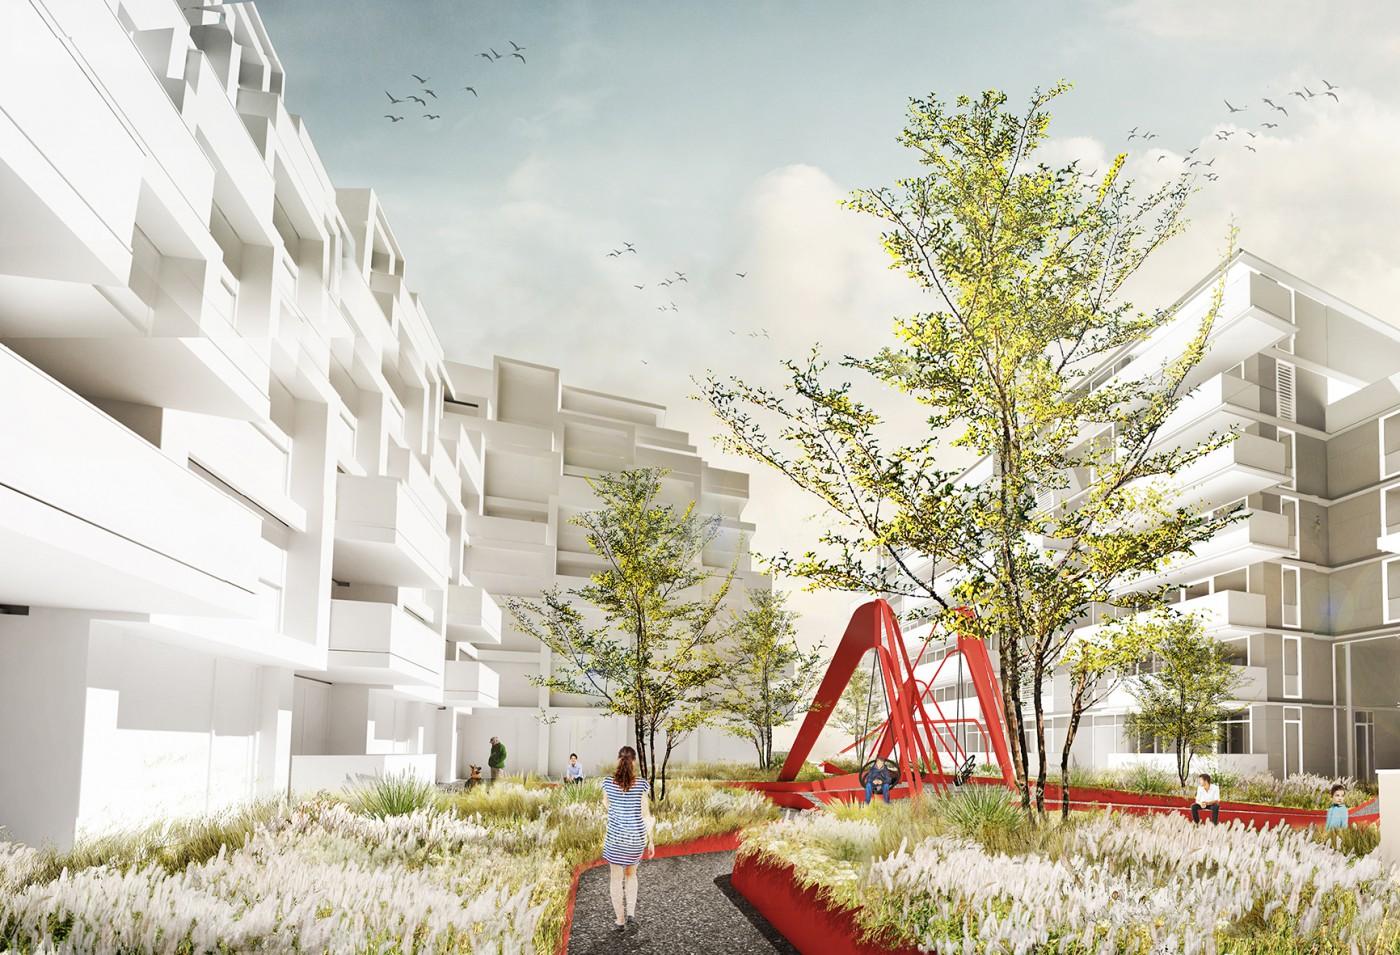 buro-sant-en-co-landschapsarchitectuur-overhoeks-amsterdam-woonomgeving-ontwerp-binnentuin-A